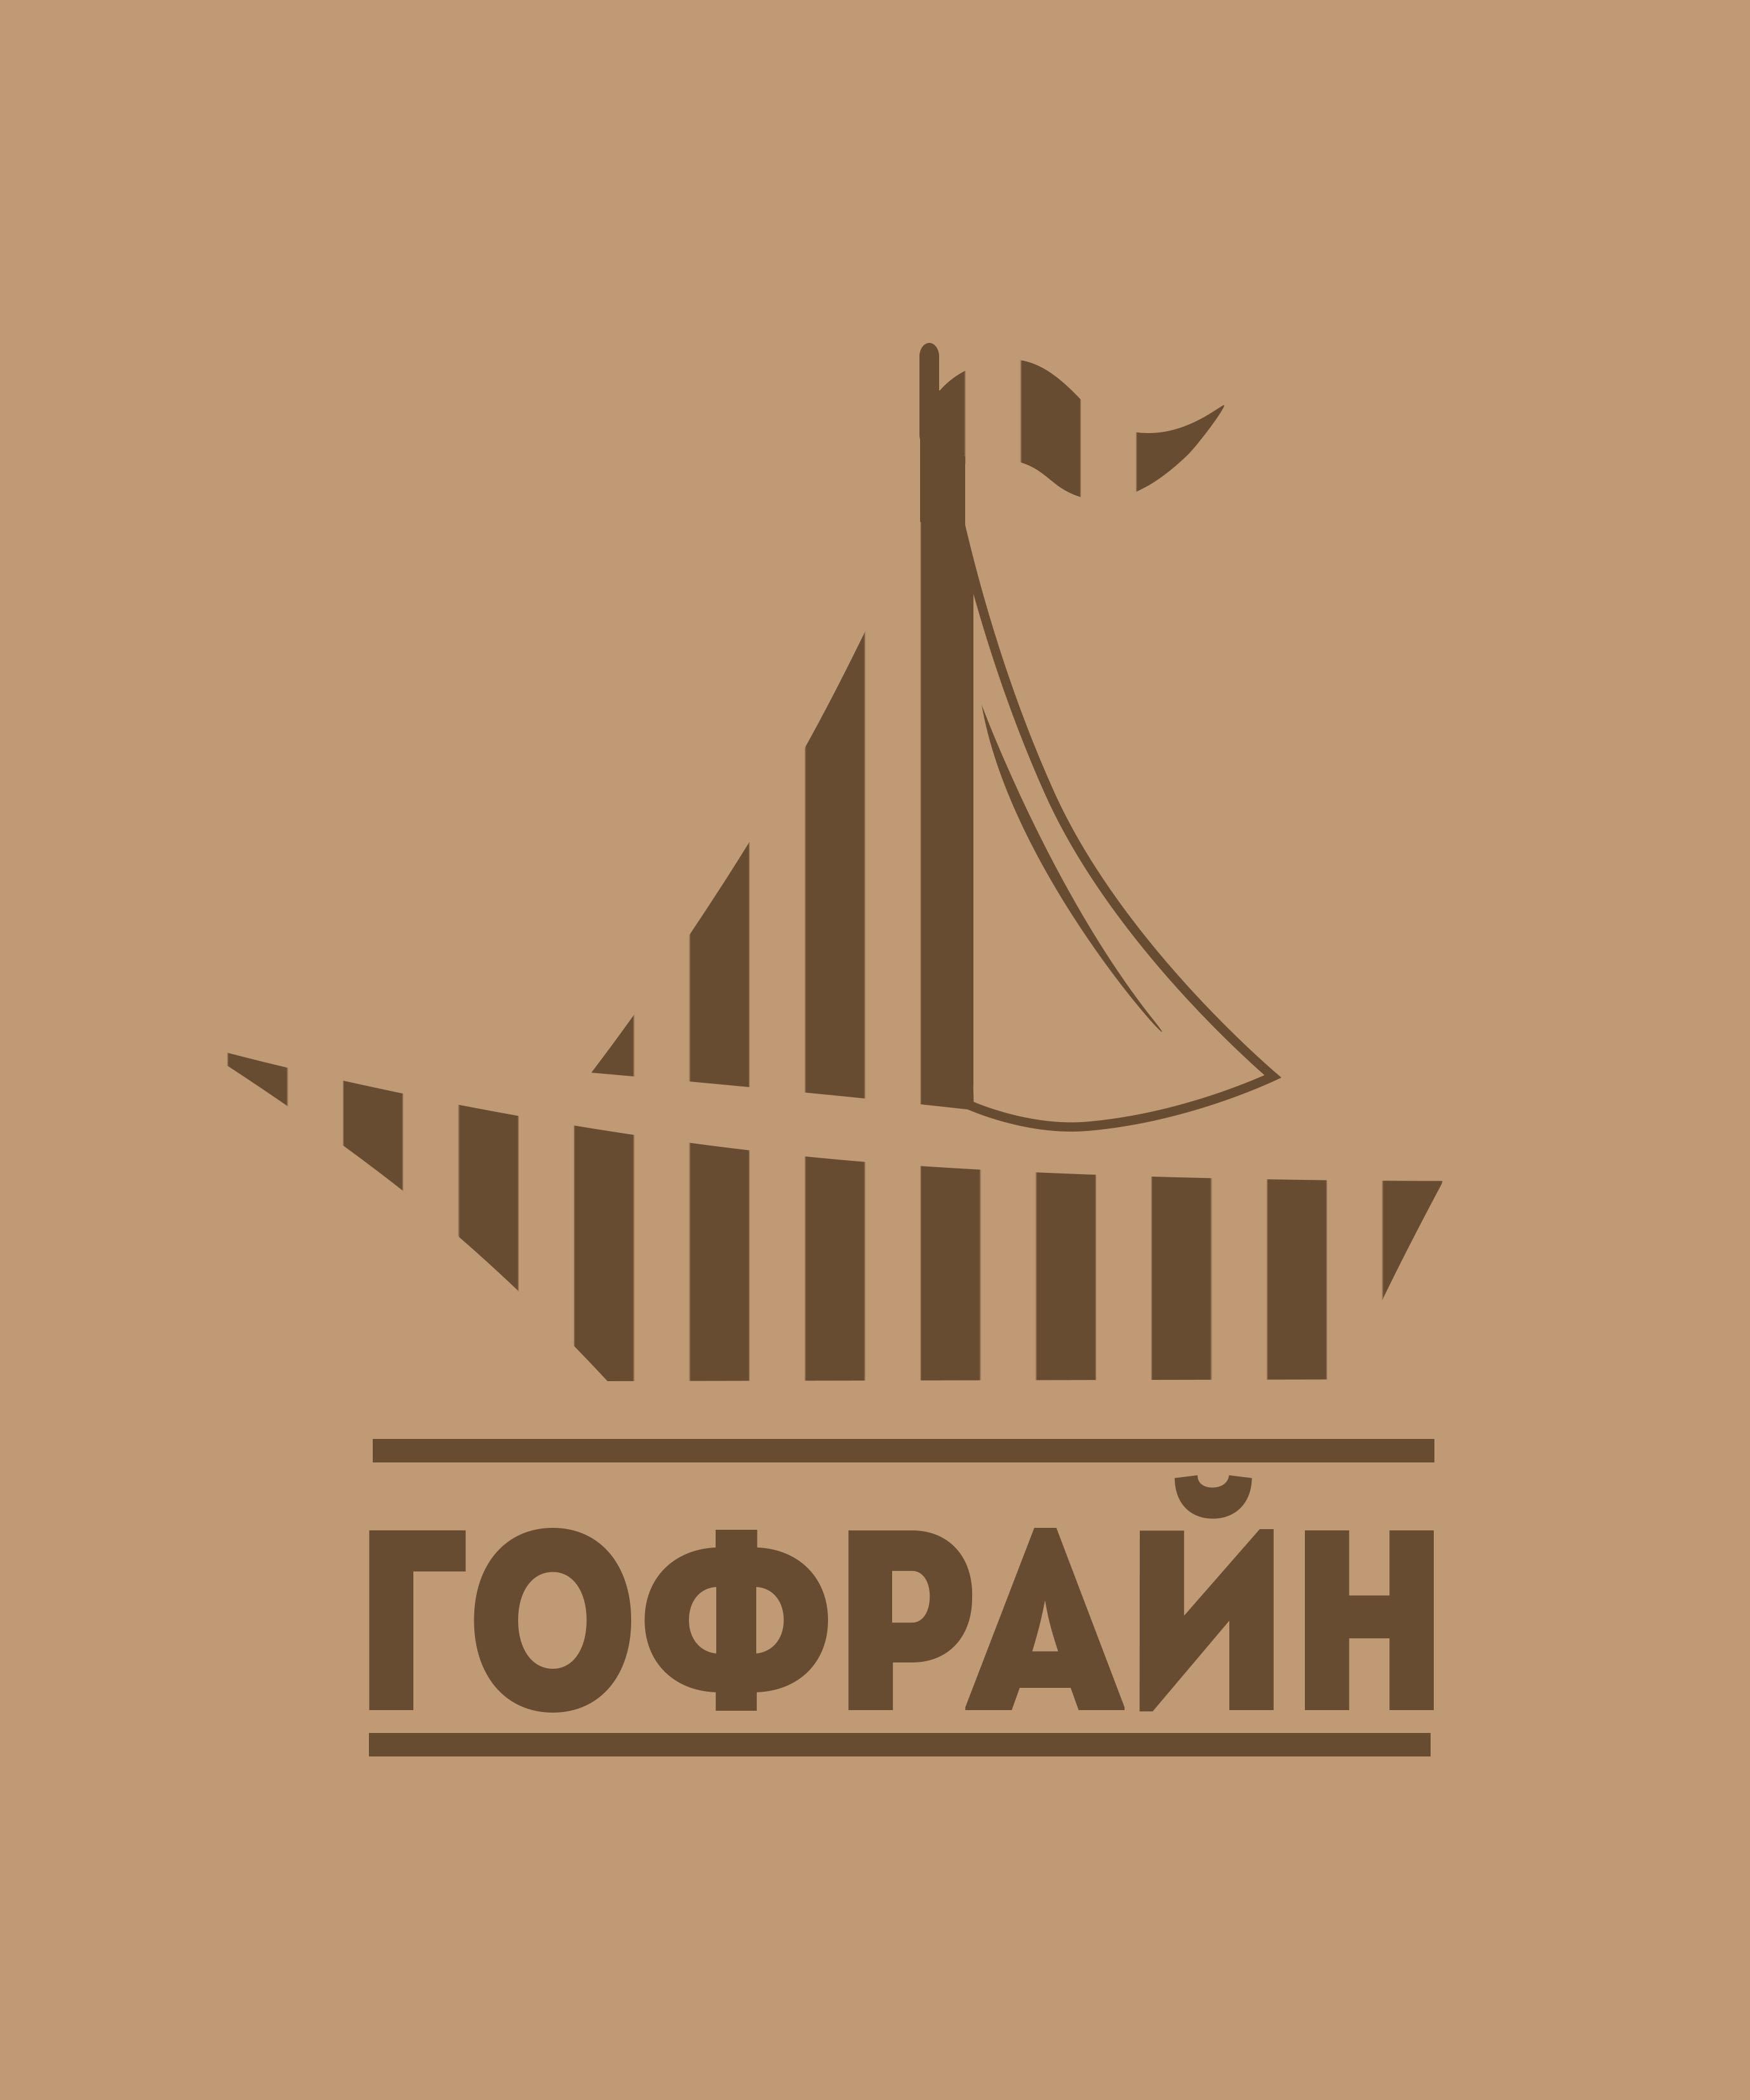 Логотип для компании по реализации упаковки из гофрокартона фото f_8835ce215cac2784.jpg